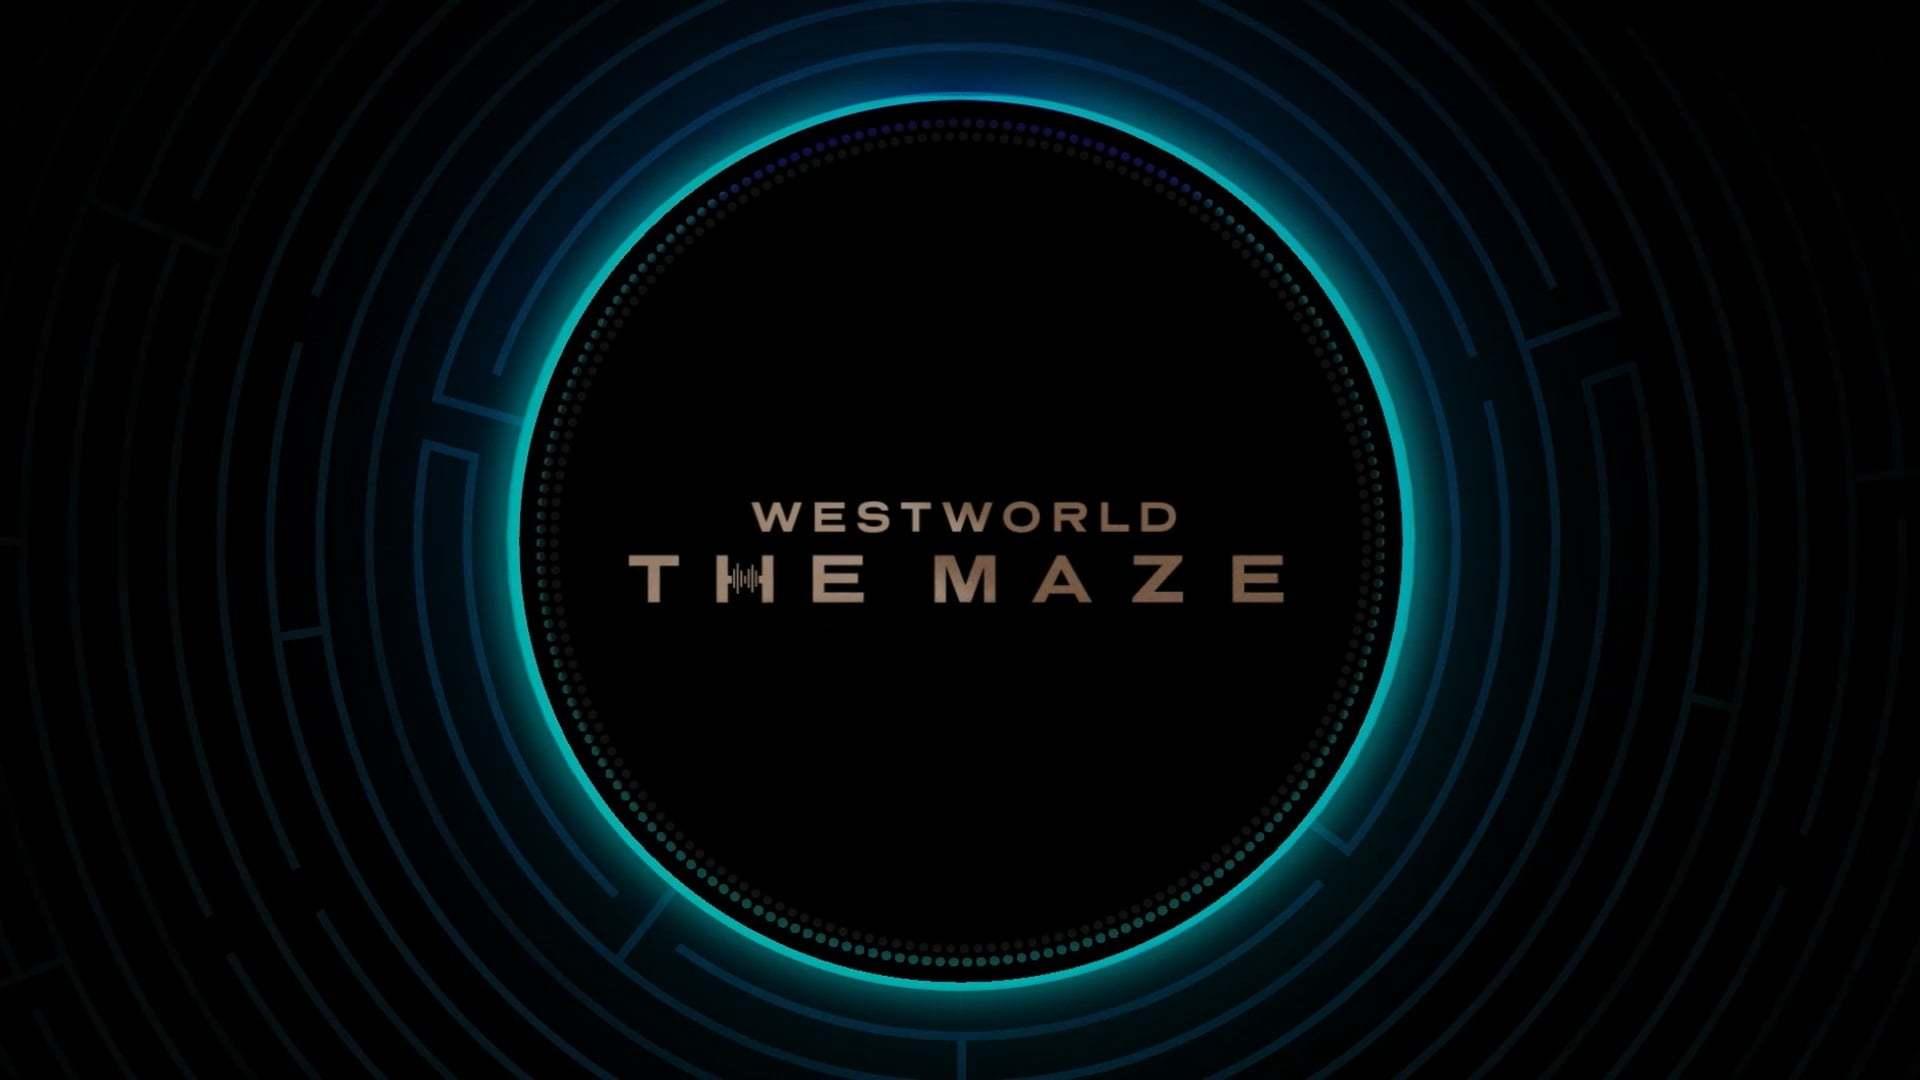 Westworld'den Alexa Üzerinde Etkileşimli Oyun: The Maze